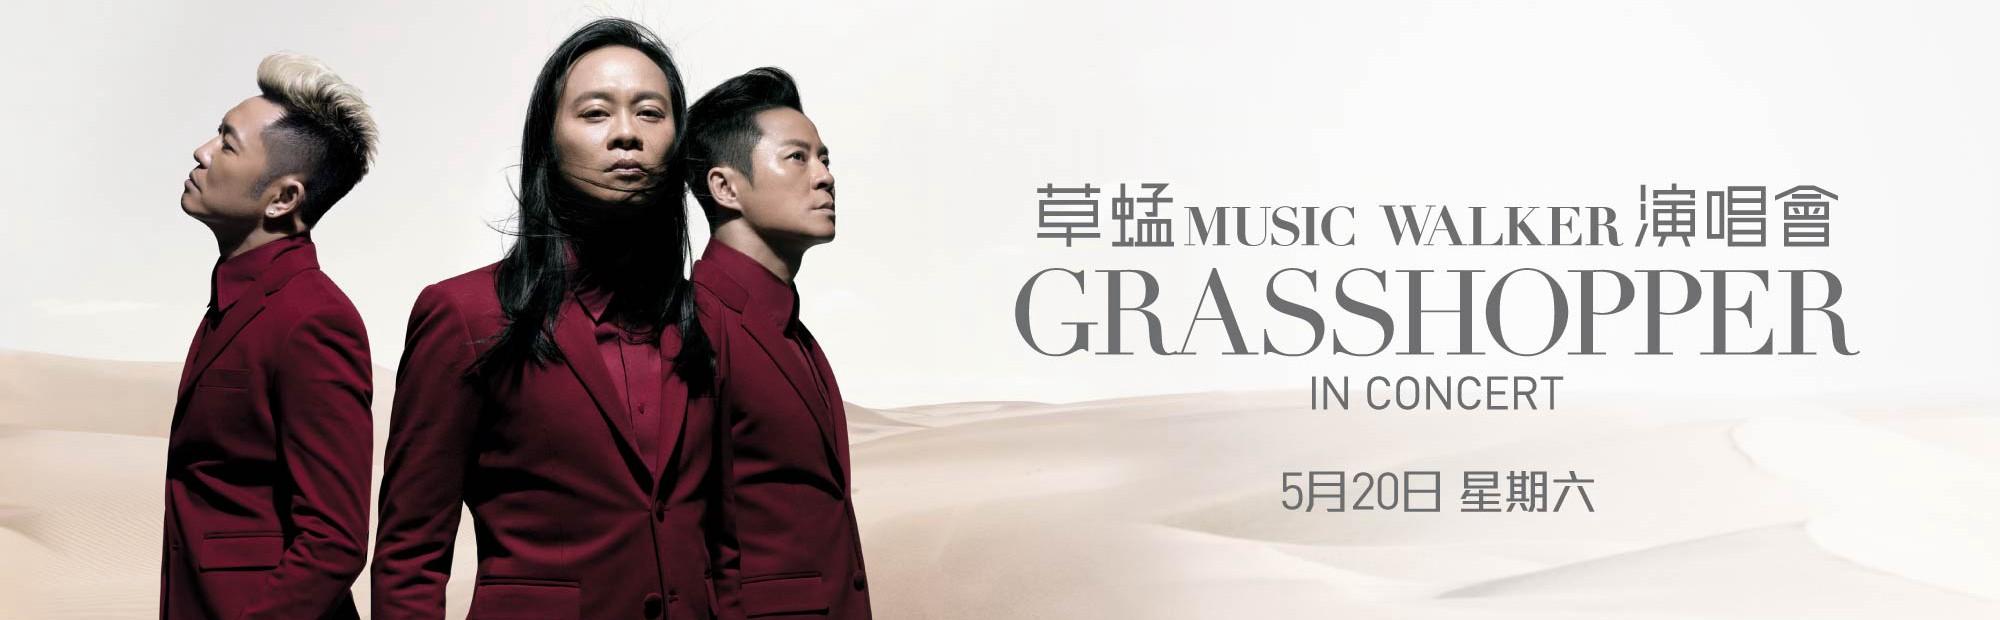 Music Walker 草蜢演唱會-澳門站